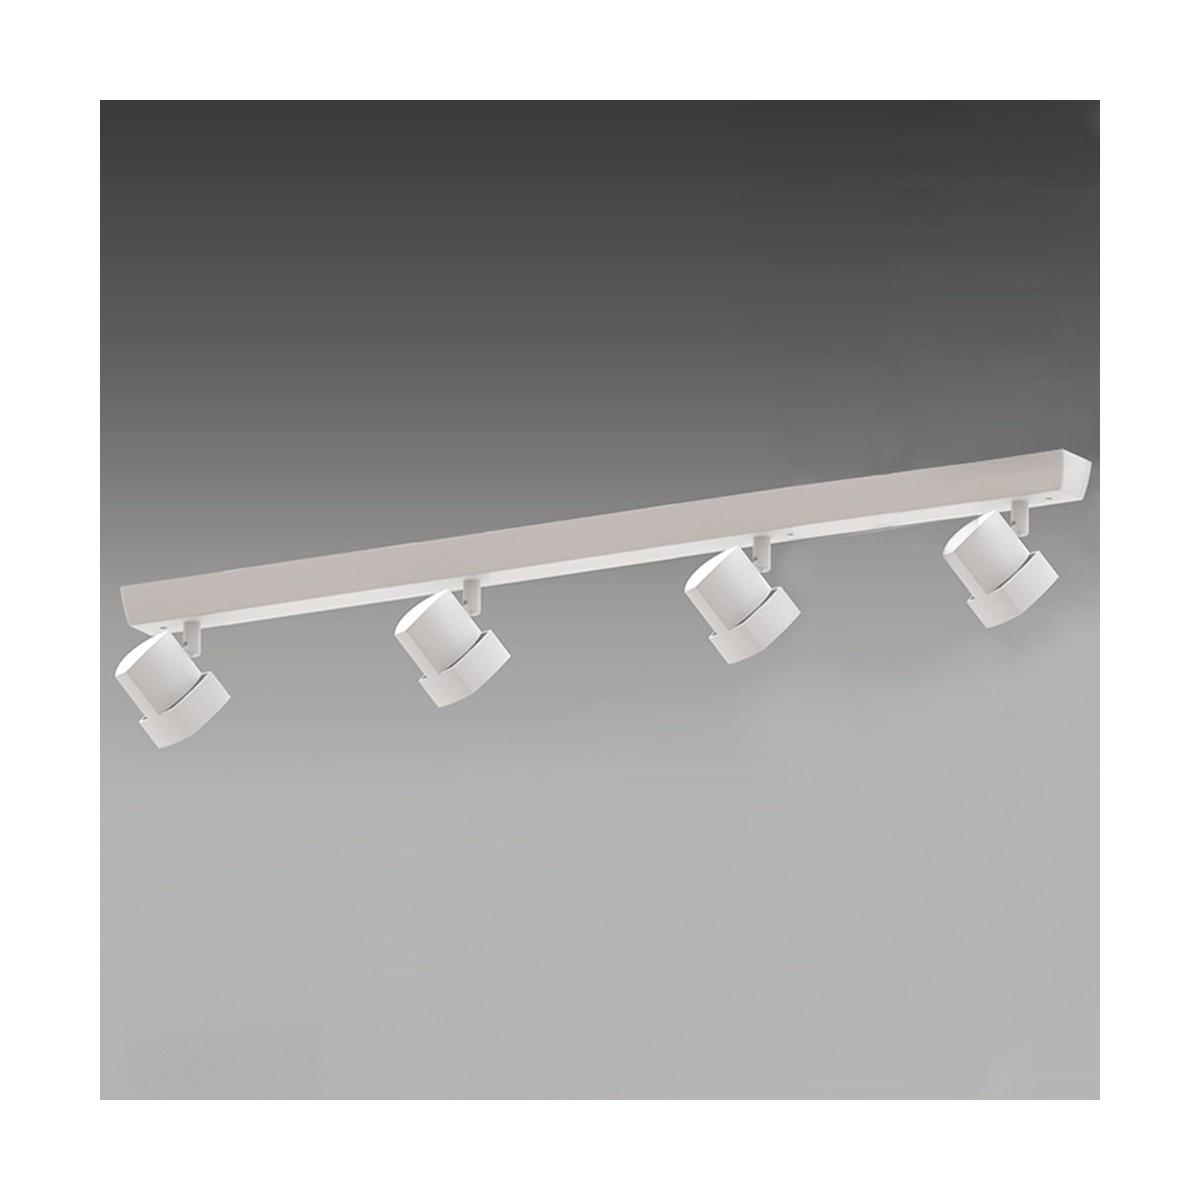 Regleta de techo de 4 luces Moka blanco mate